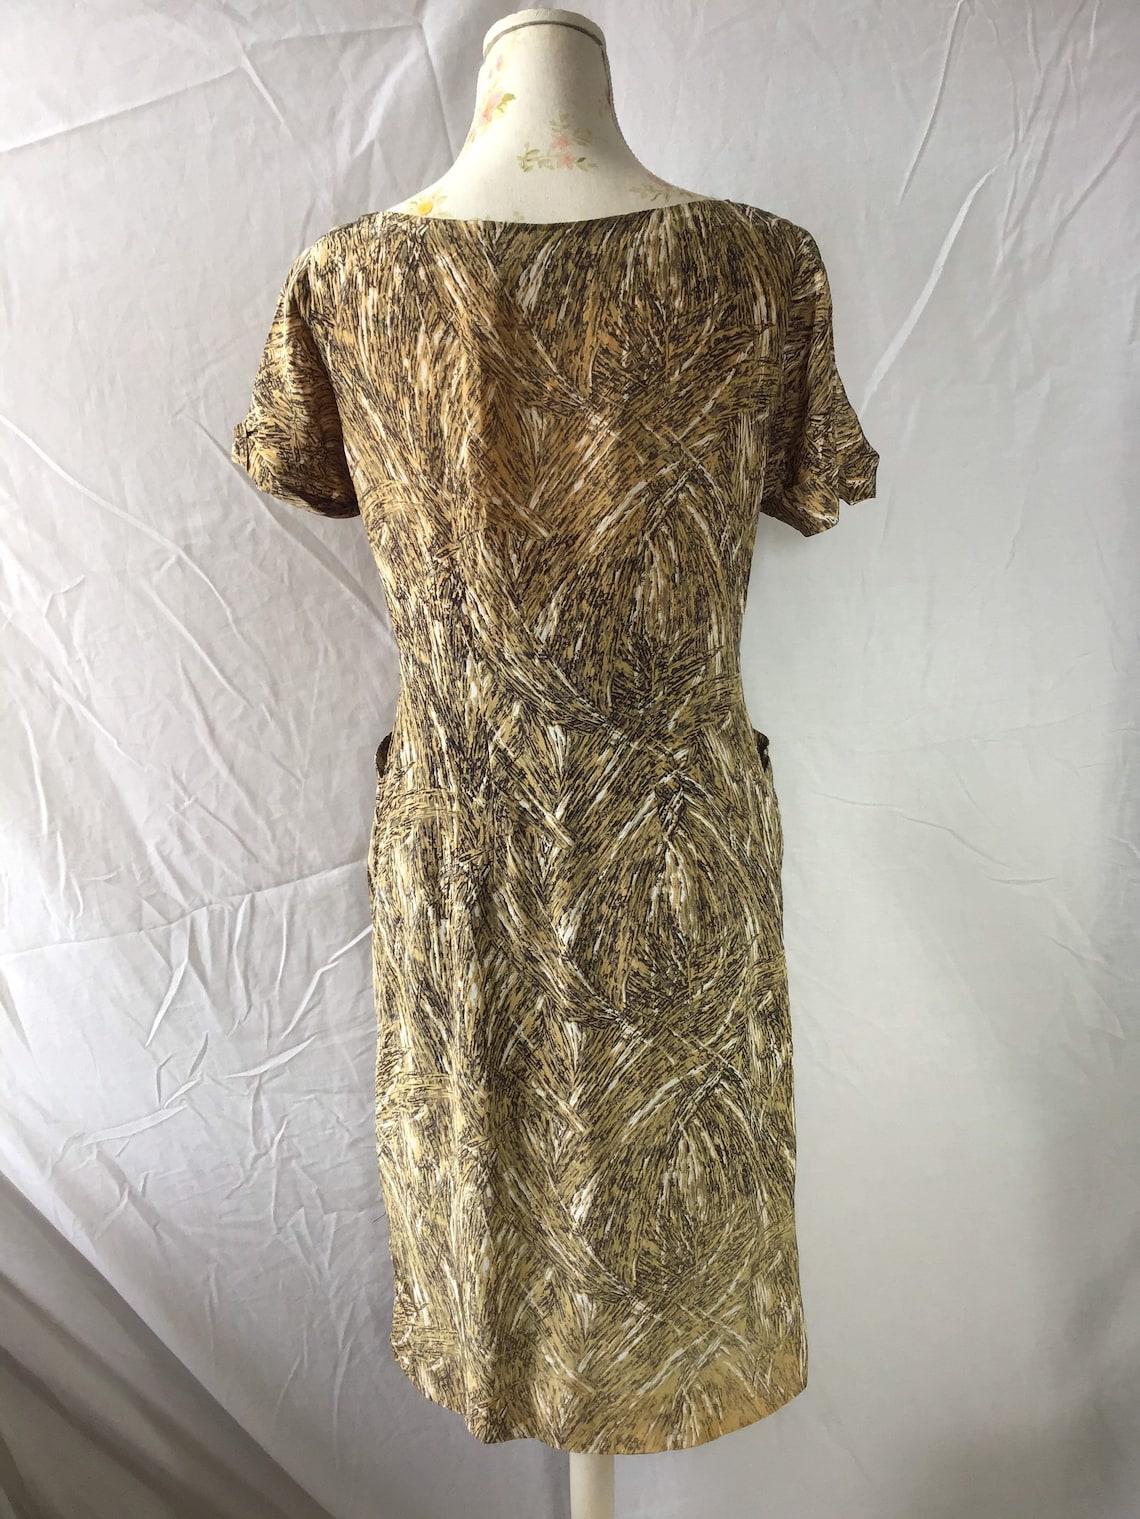 1950's Atomic Print Dress by Mercia  SIZE M UK  12/14